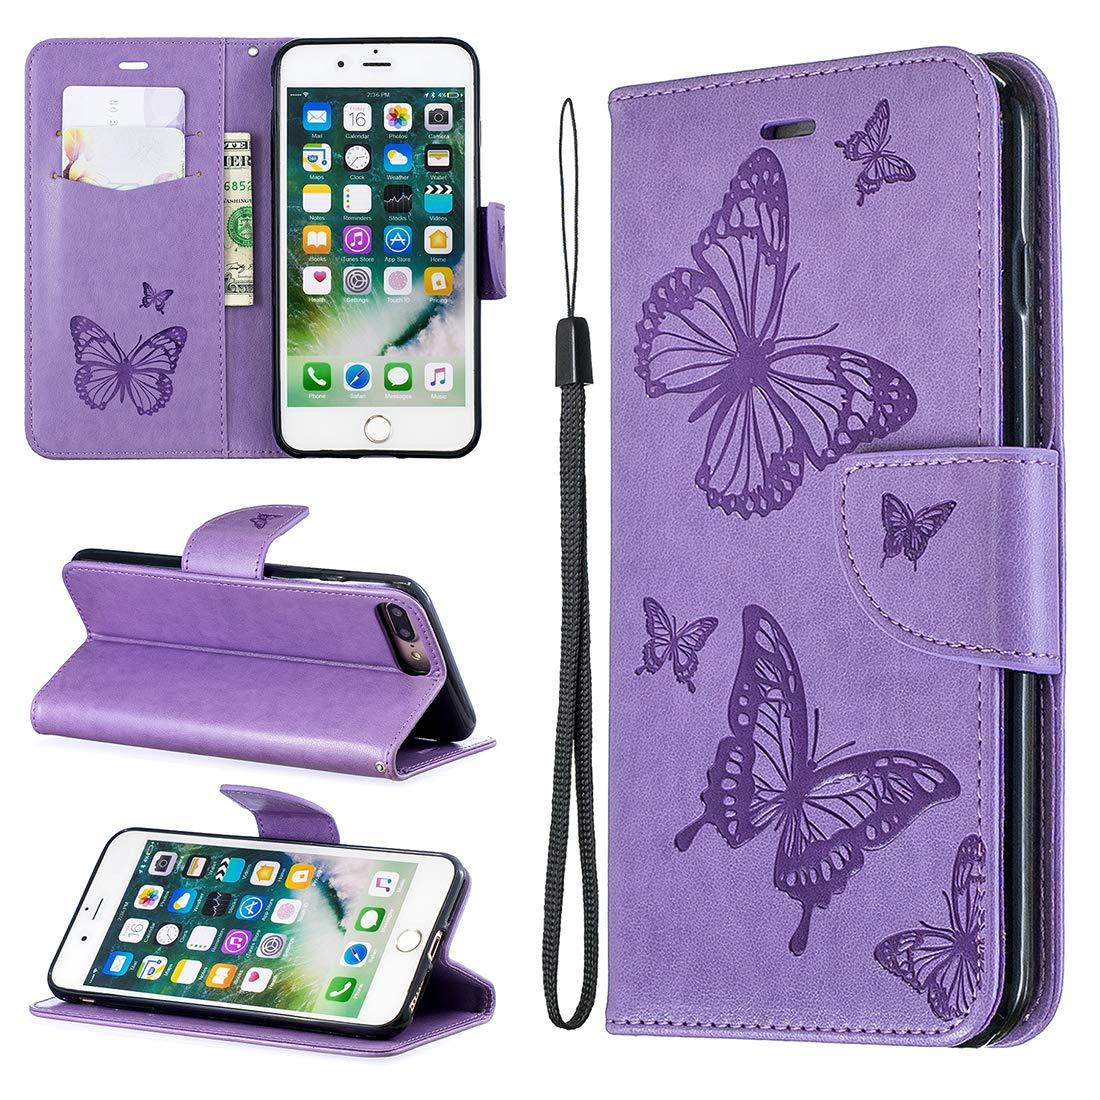 Lyzwn Coque iPhone 7 Plus / 8 Plus, Housse en Cuir PU Flip Coque Etui Portefeuille Case avec Support Cartes Slots Fermeture Aimantée pour iPhone 7 Plus / 8 Plus Cas Couverture